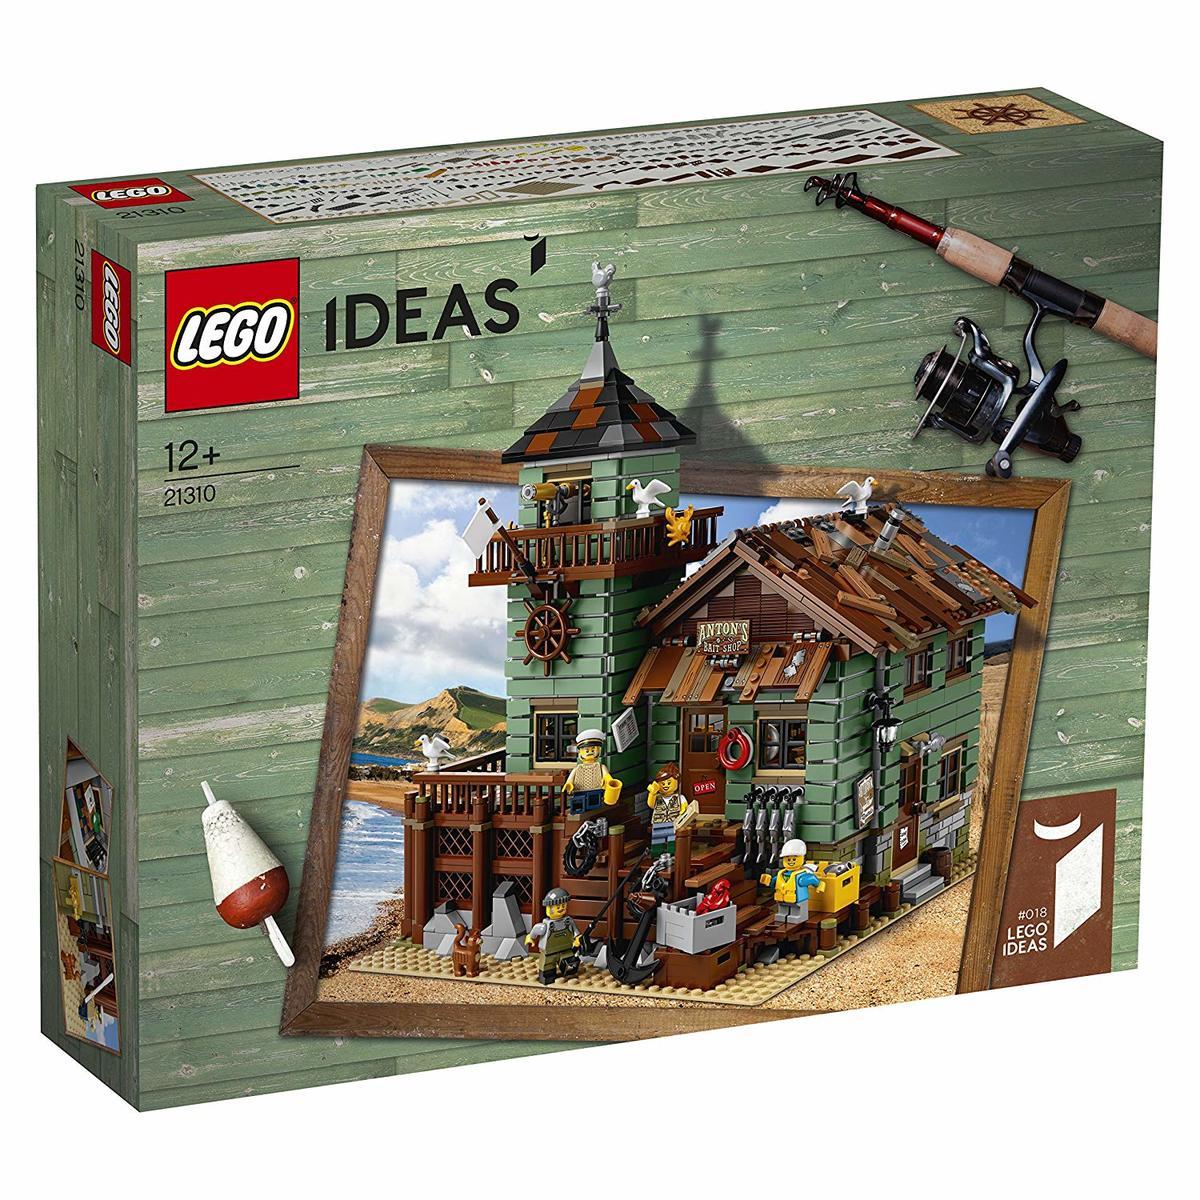 【送料無料 新品】レゴ(LEGO) アイデア つり具屋 21310